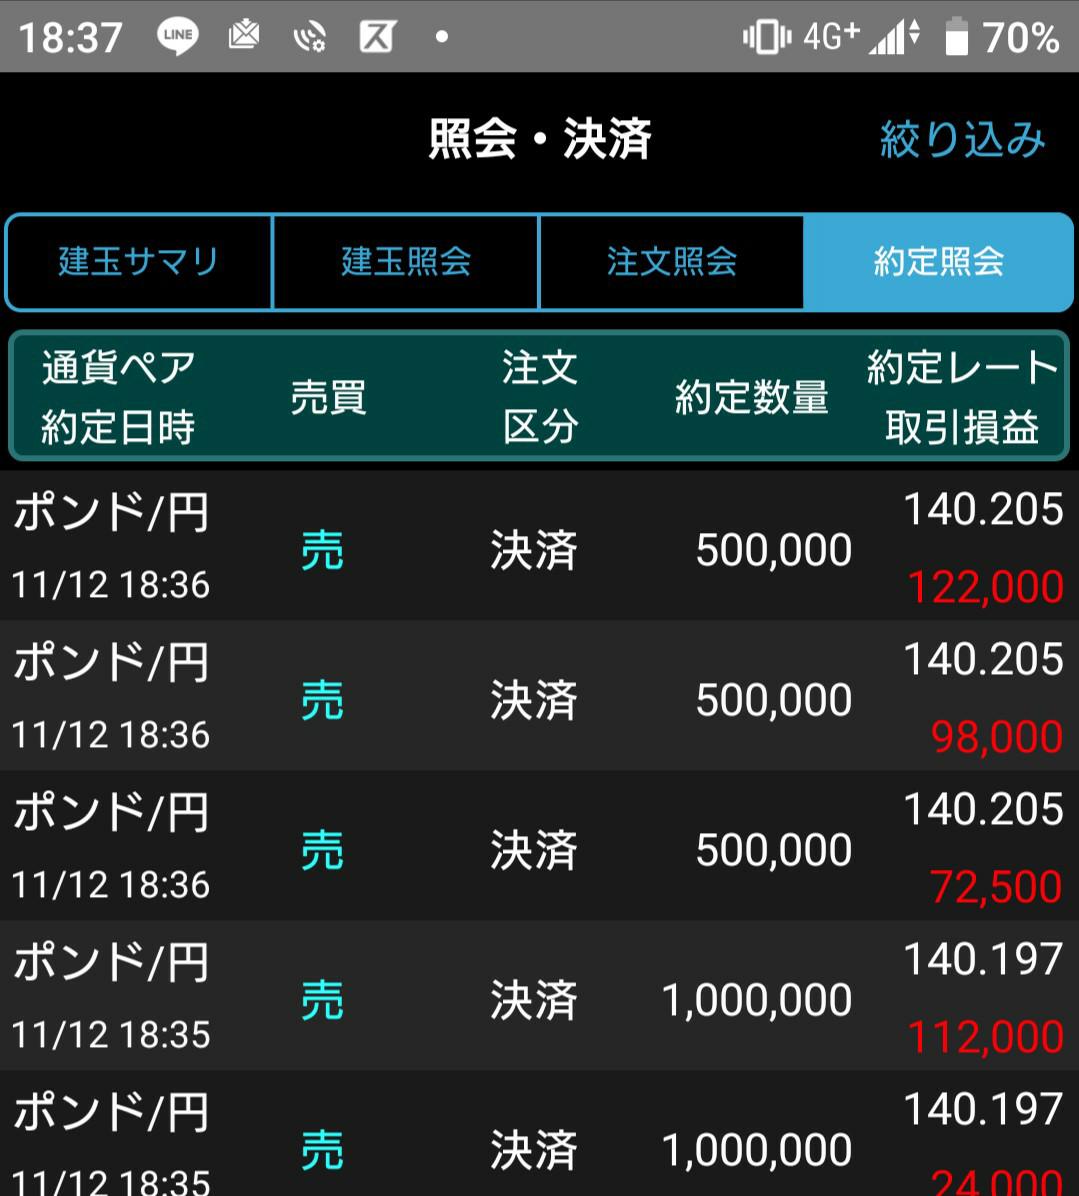 gbpjpy - イギリス ポンド / 日本 円 いったん逃げとく